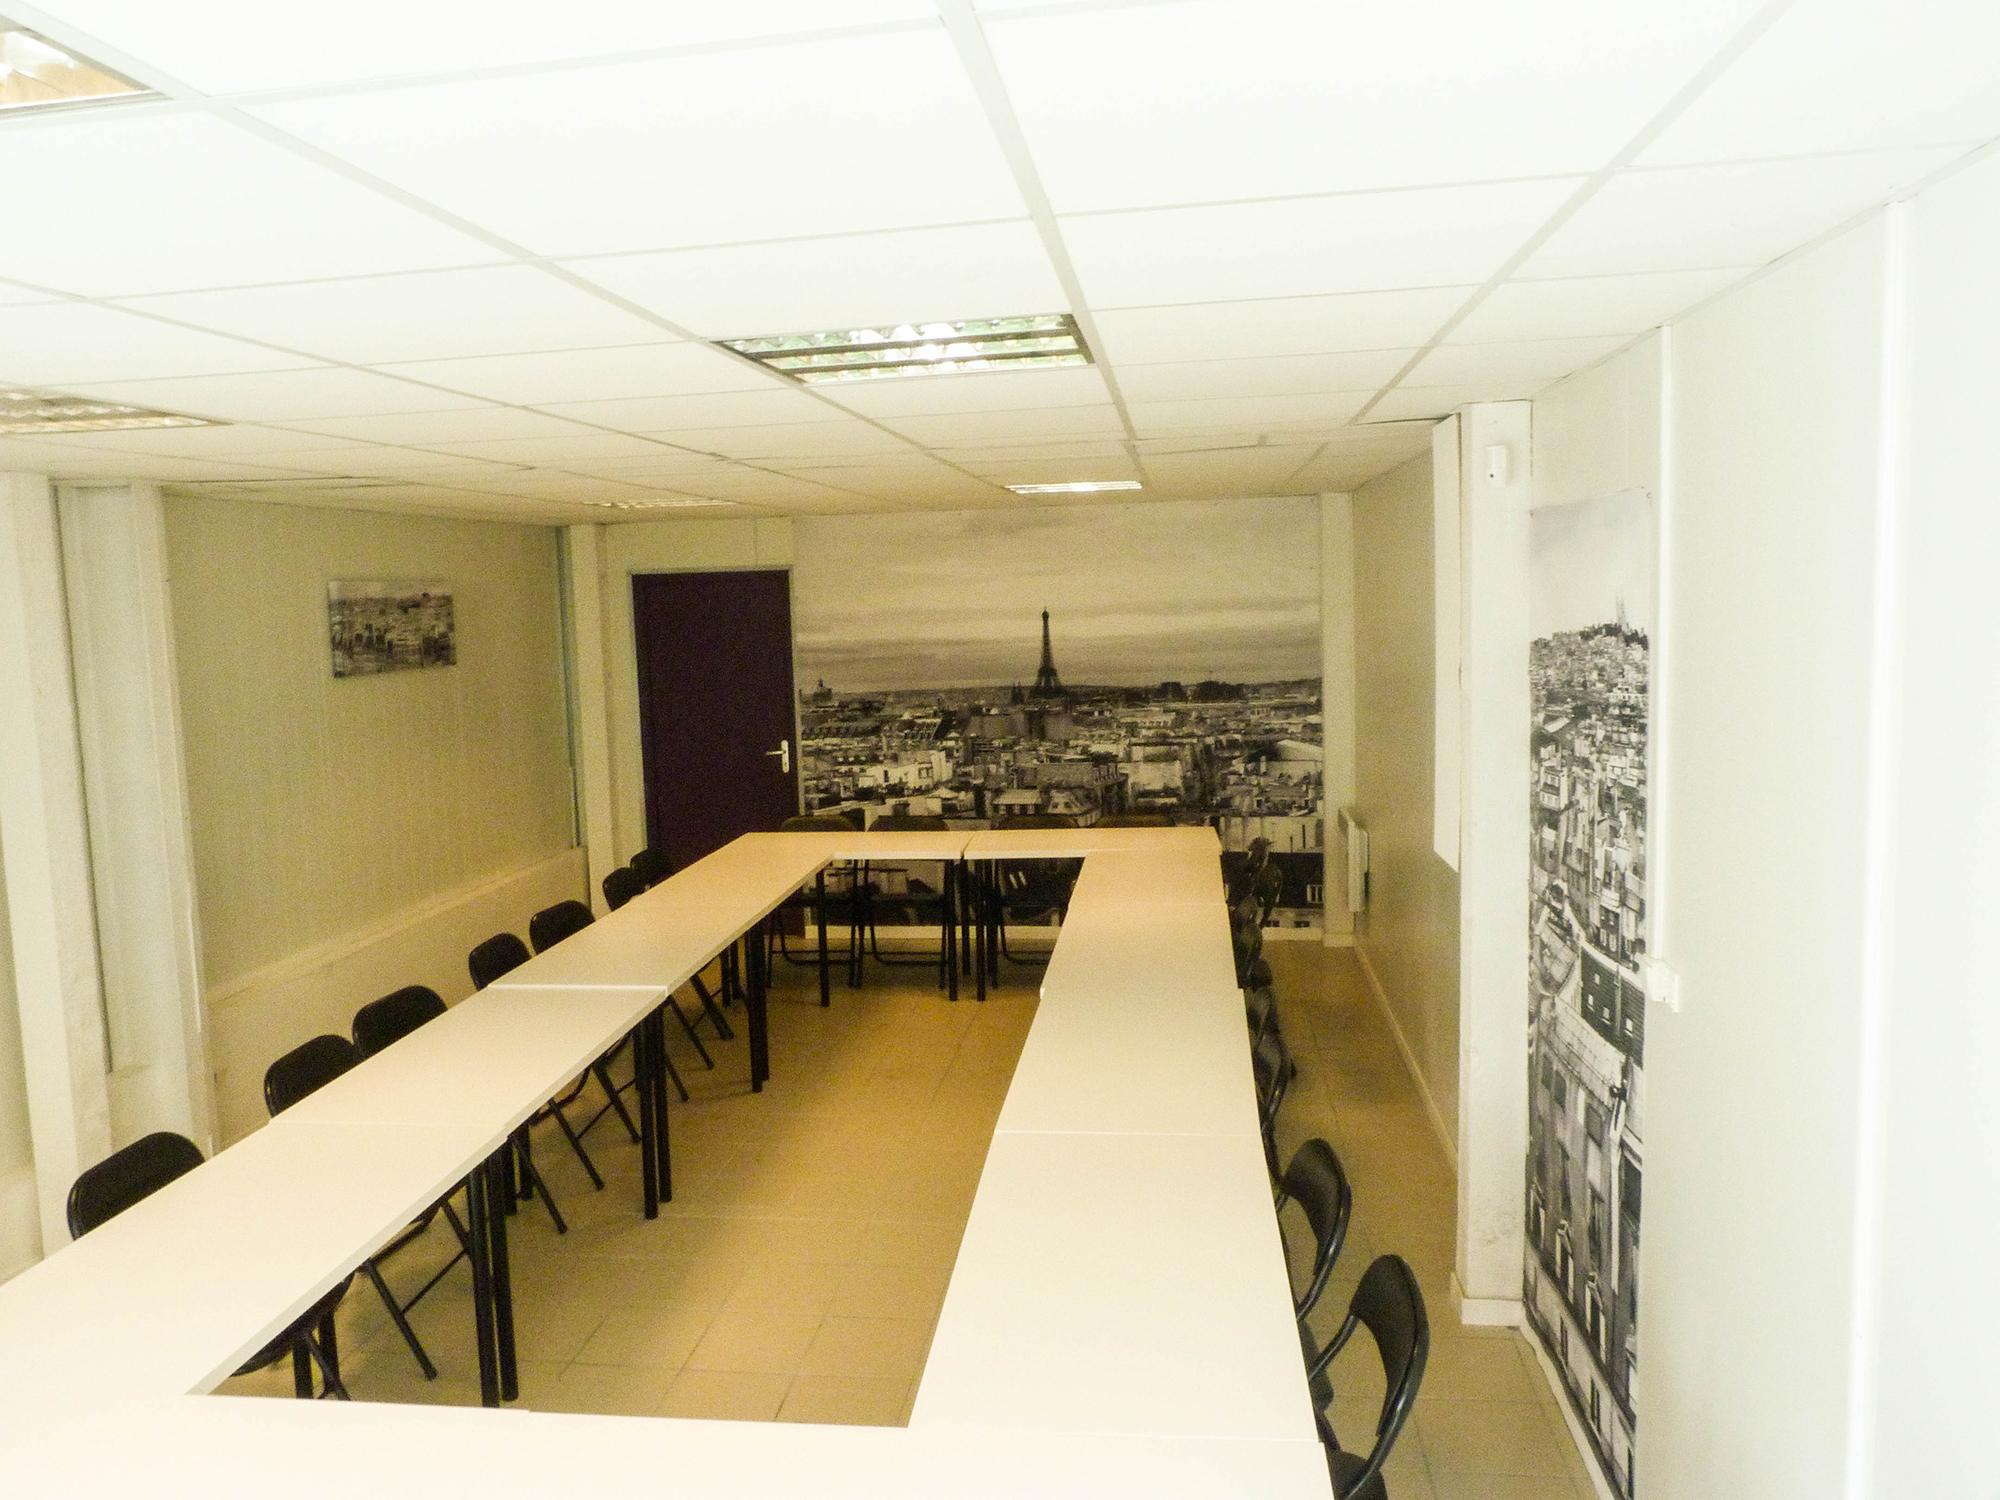 Location de salle de r union carquefou pour 20 personnes - Cfe et location meublee non professionnelle ...